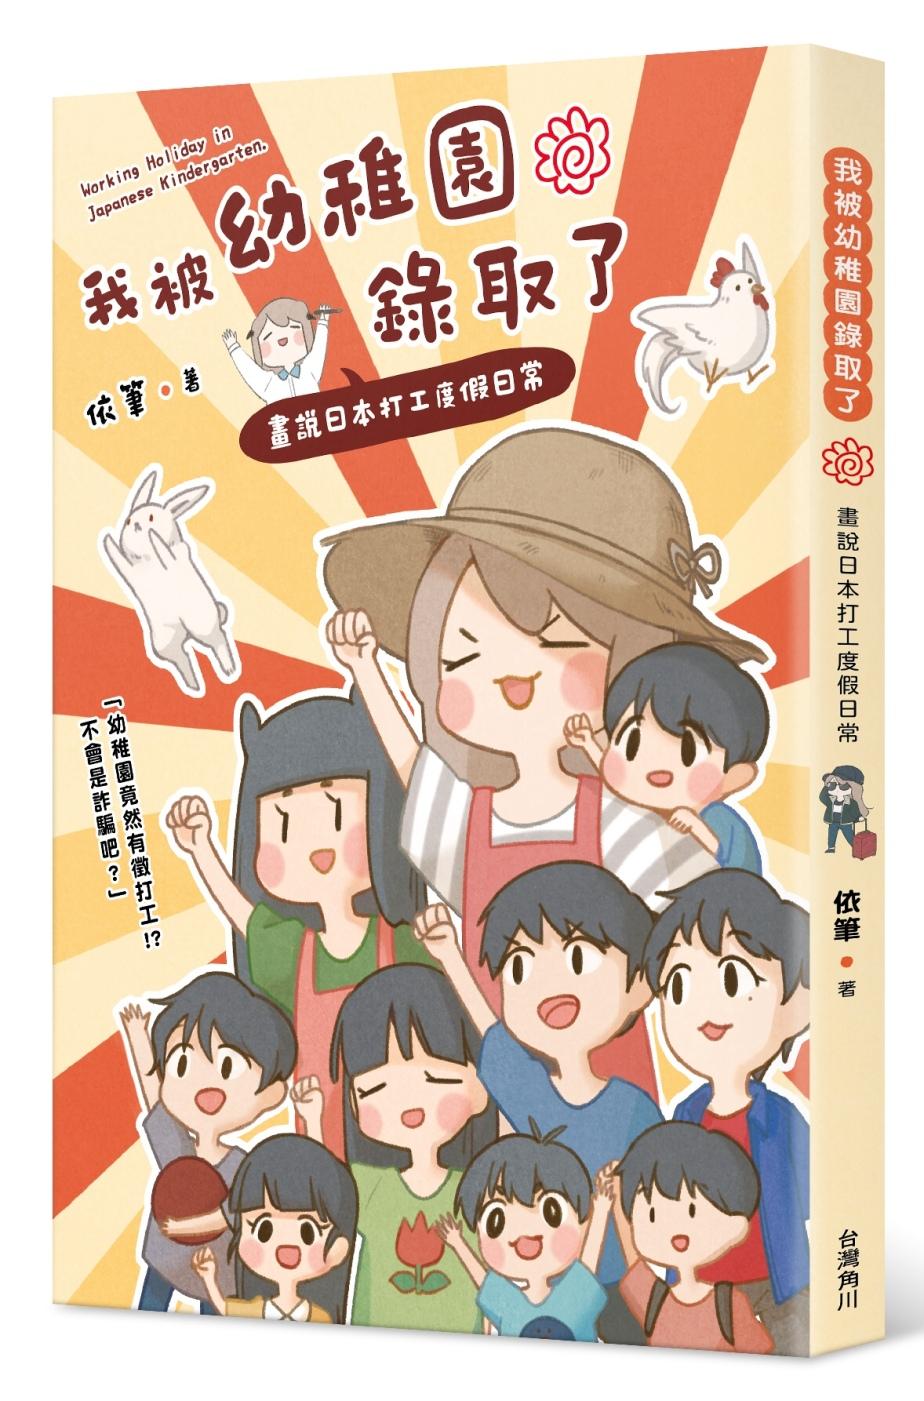 我被幼稚園錄取了:畫說日本打工度假日常(親簽小卡版)